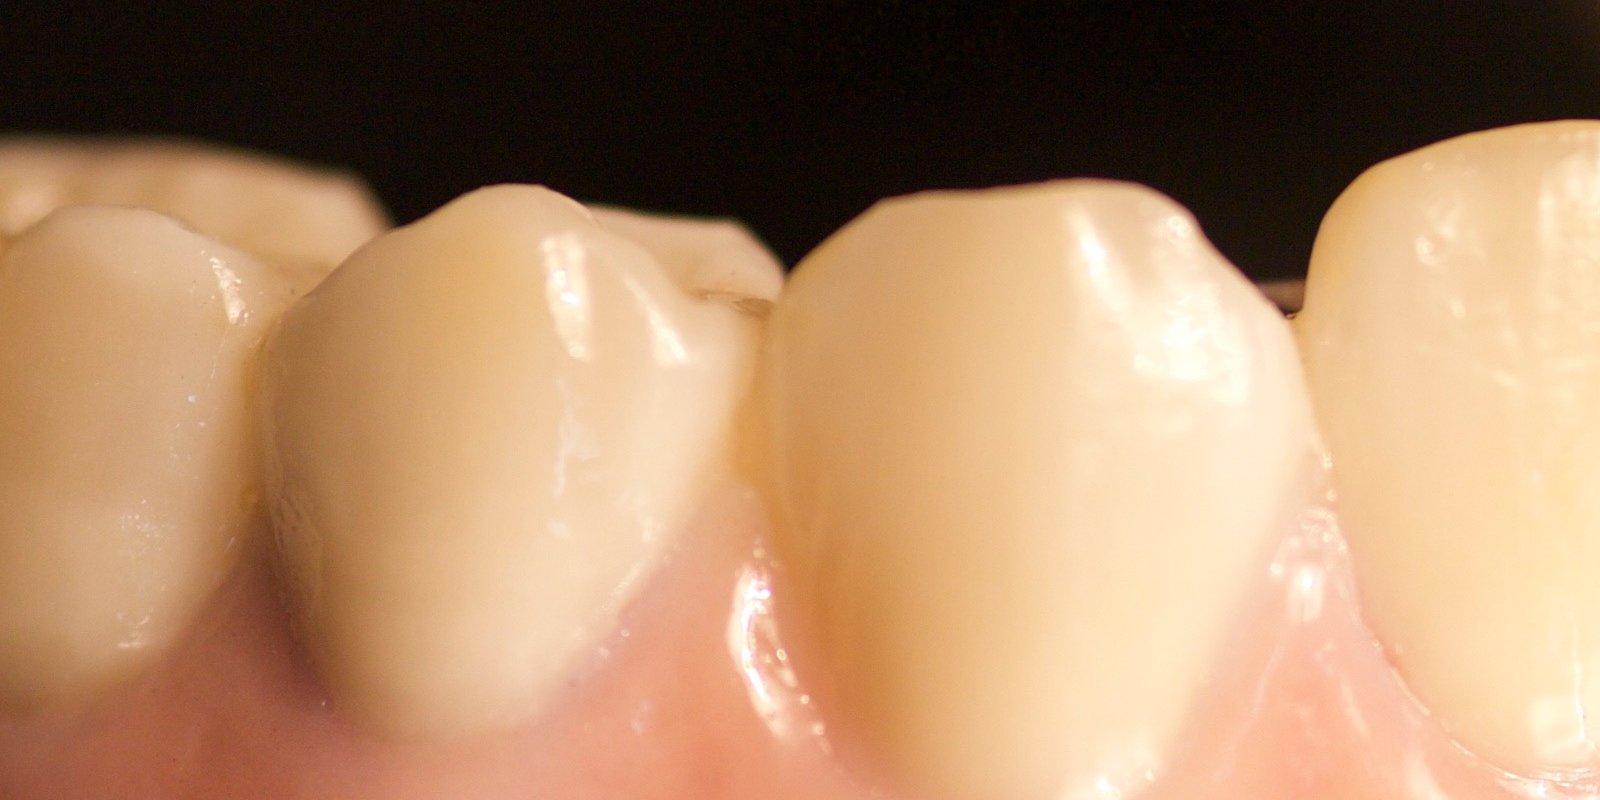 Keramiske tandbroer, der skal være naturtro og ligne ægte tænder, bør designes og fremstilles af en kompetent tandtekniker